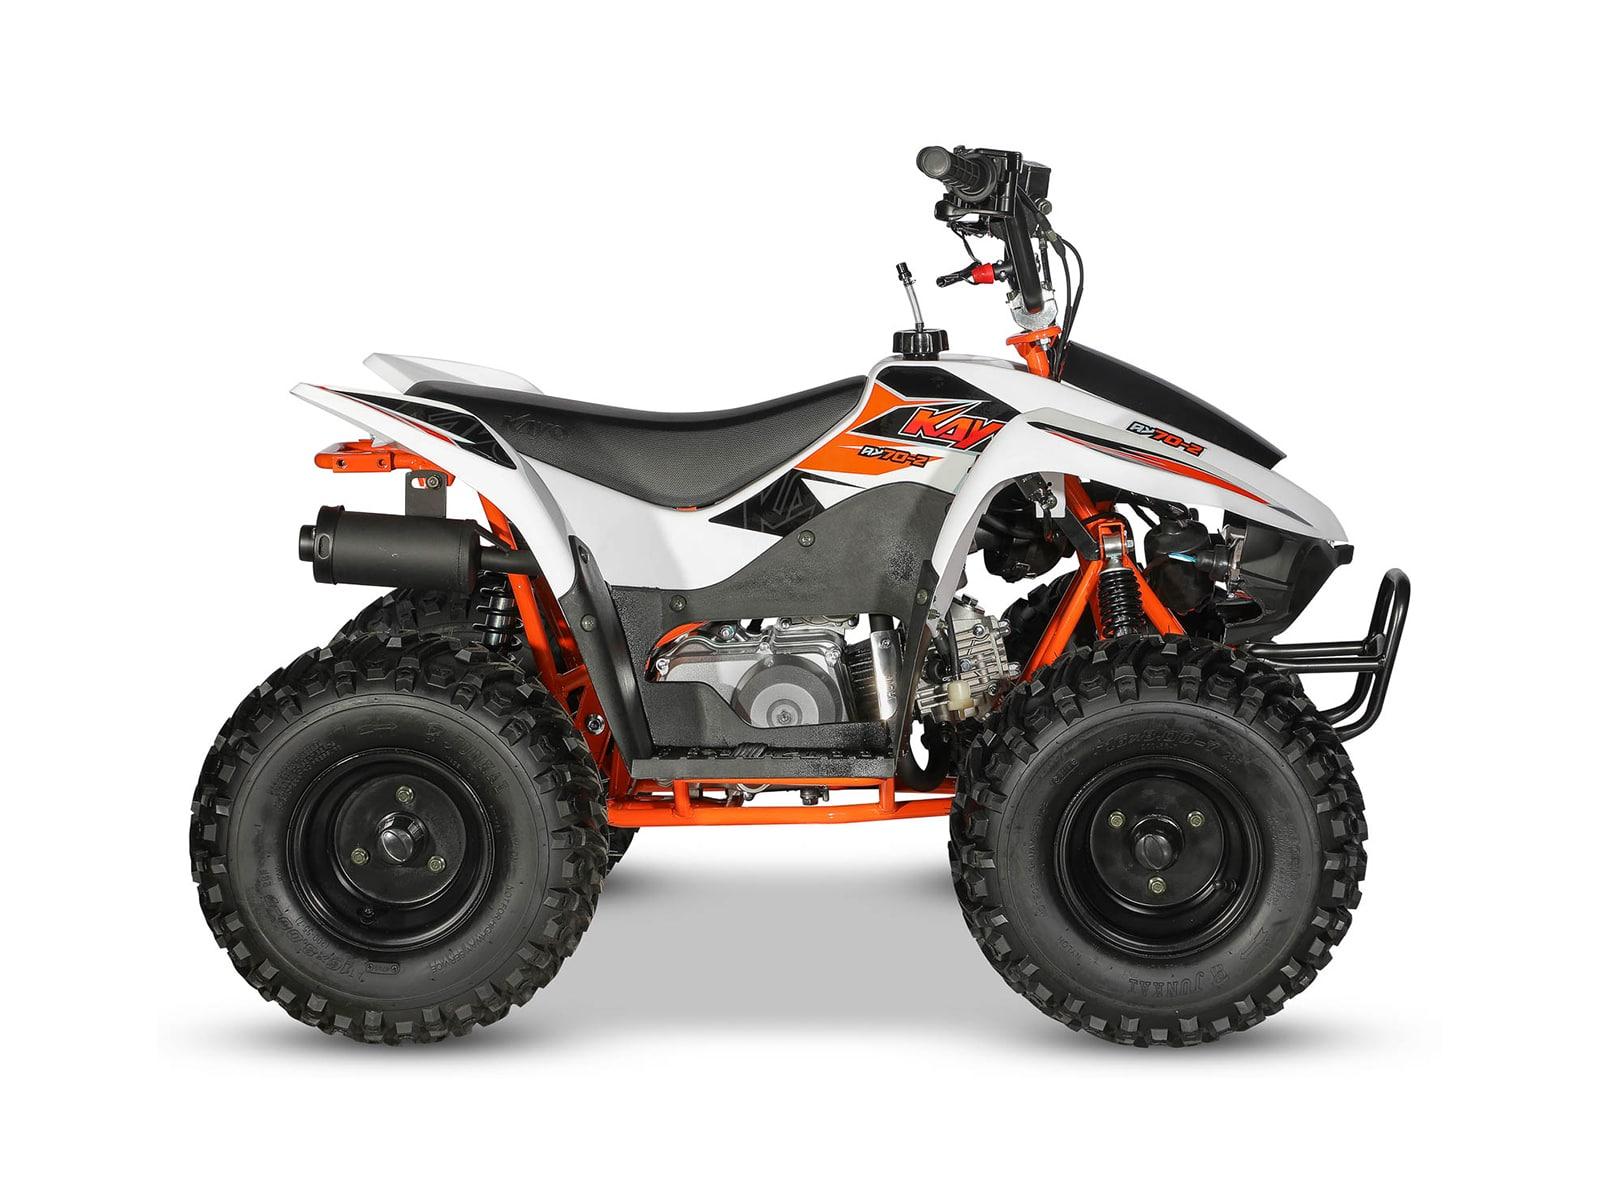 Kayo Stomp Fox Ay70-2 70cc Kids Quad Bike